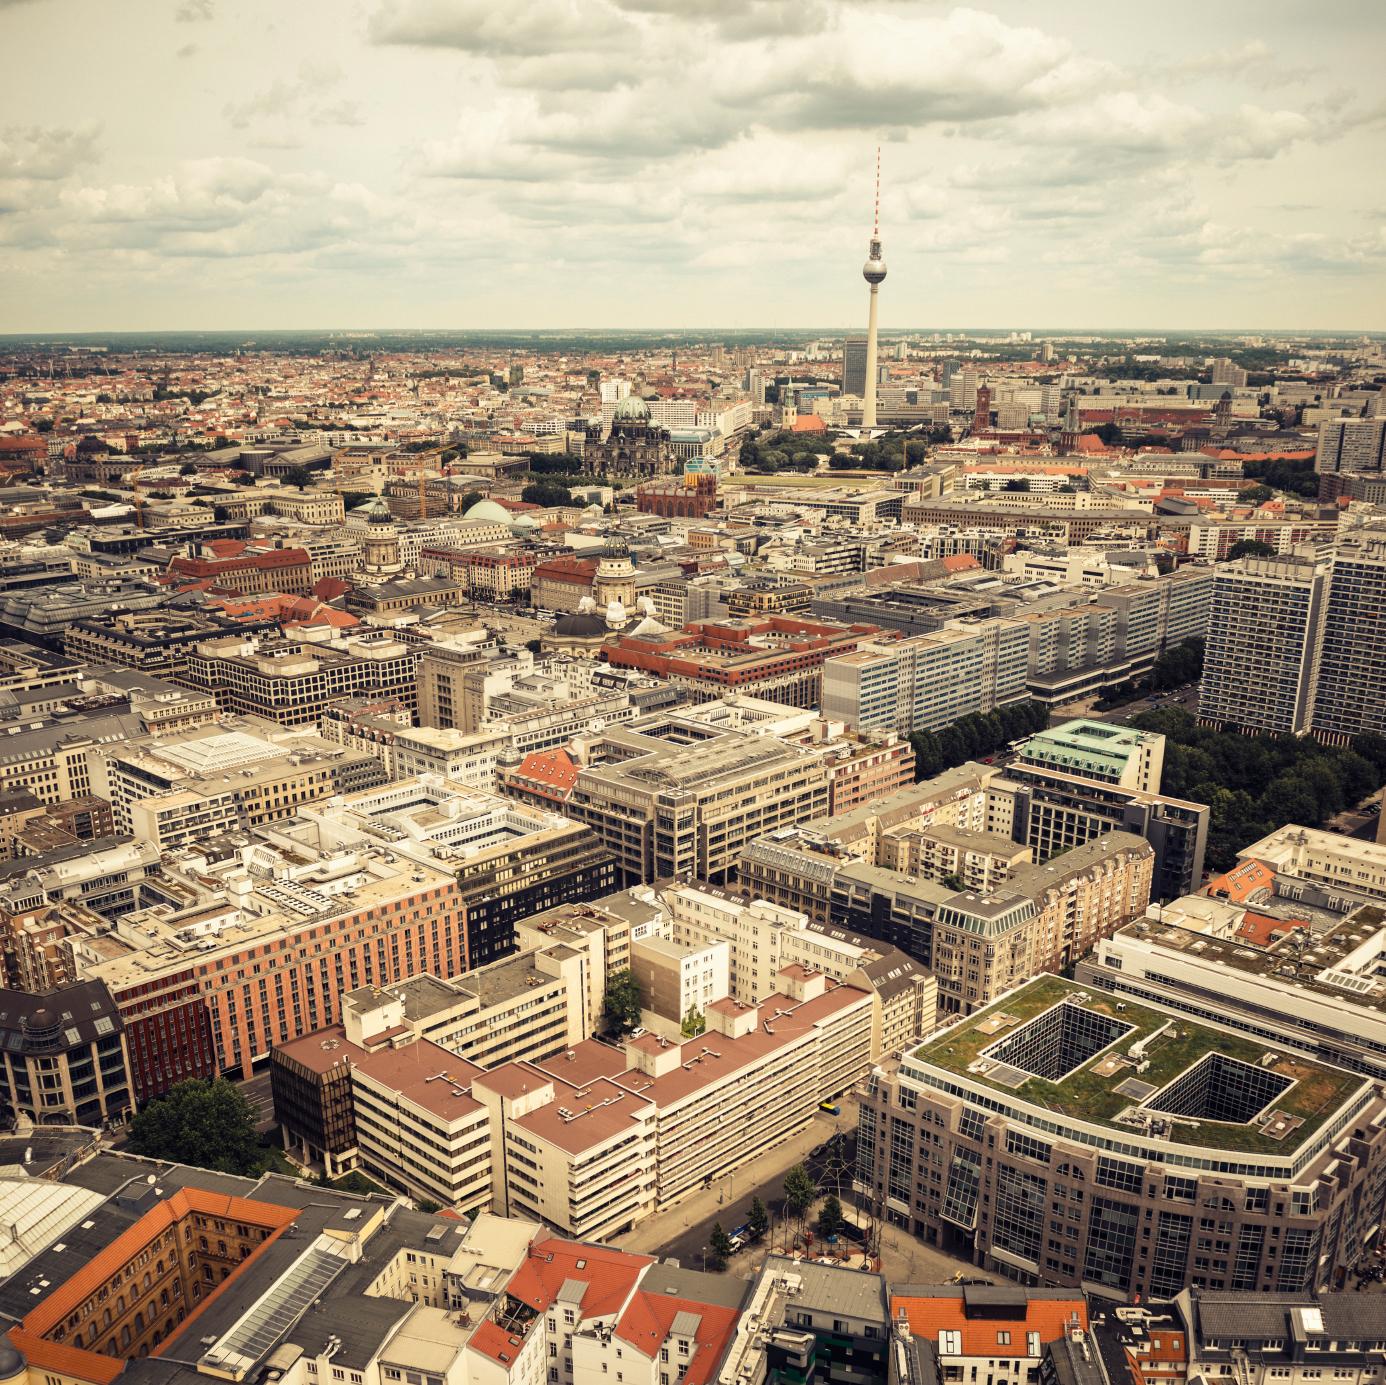 Bild von Skyline von Berlin auf der Website von Berlin Energie; Quelle: istock/franckreporter